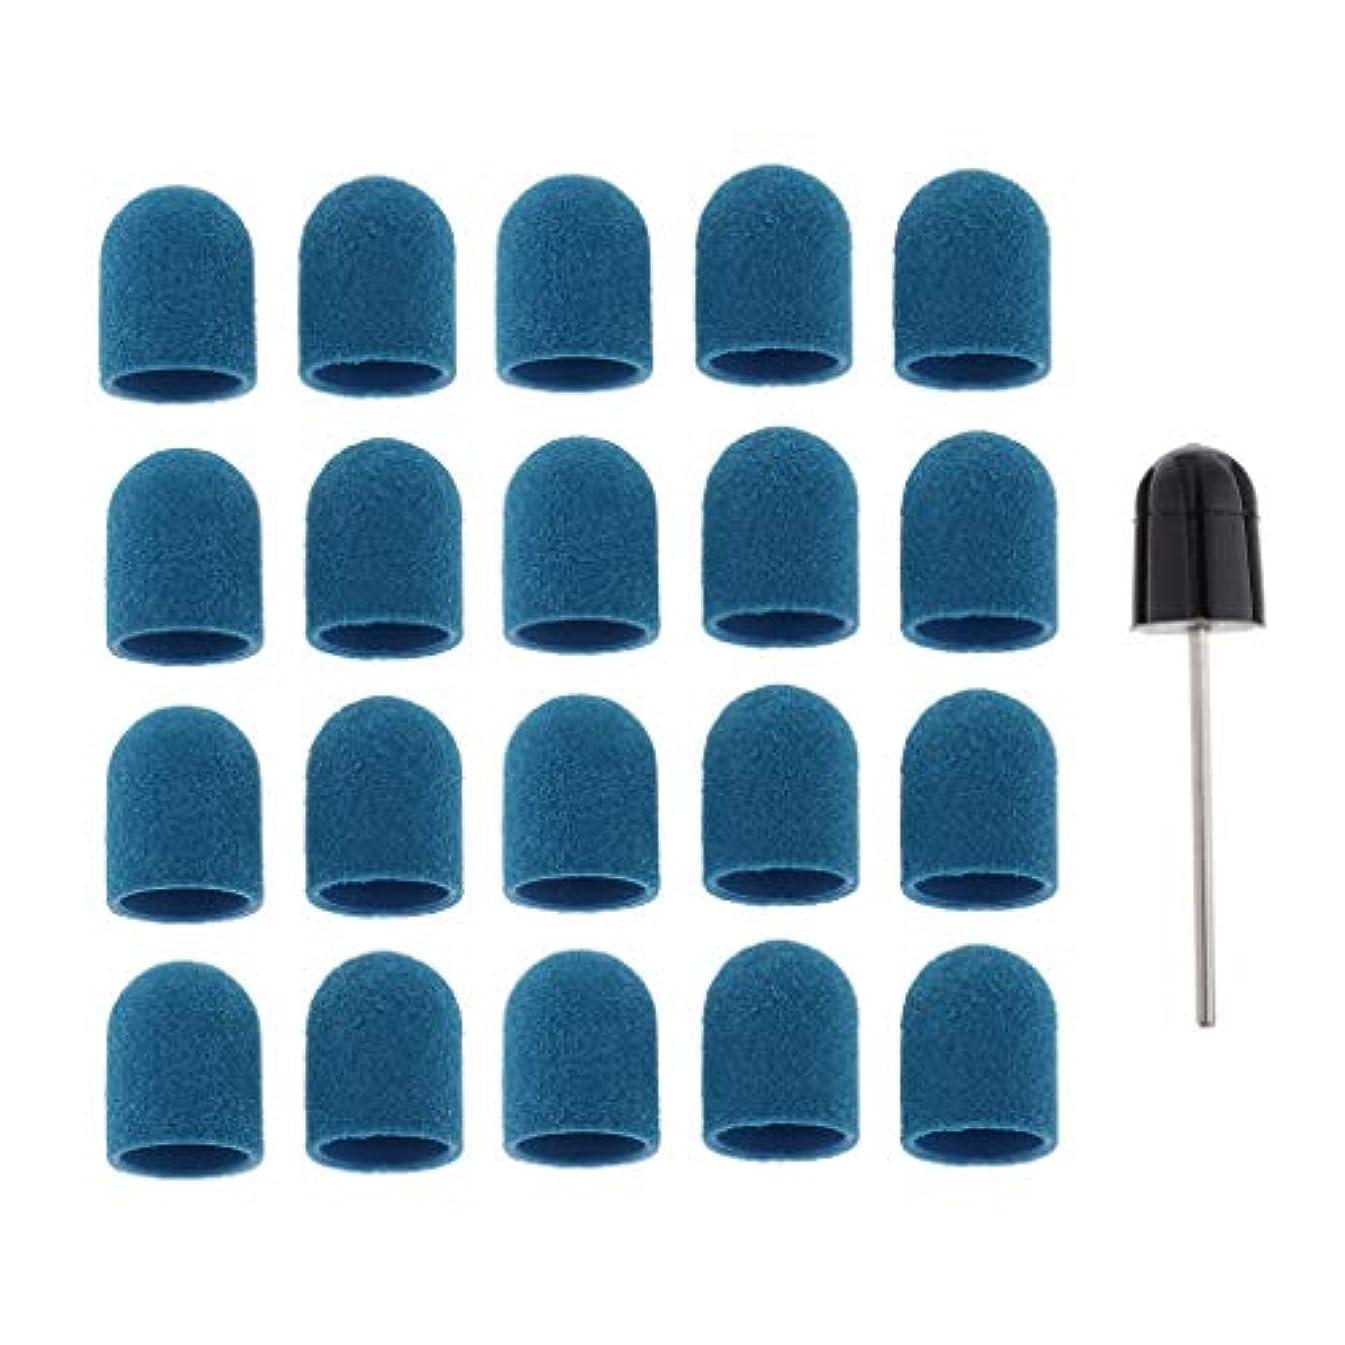 商品山積みの酔ったPerfeclan ネイルアート サンディングバンド ネイルポリッシング研削ヘッド サンディングリングキャップ 全5カラー - 青